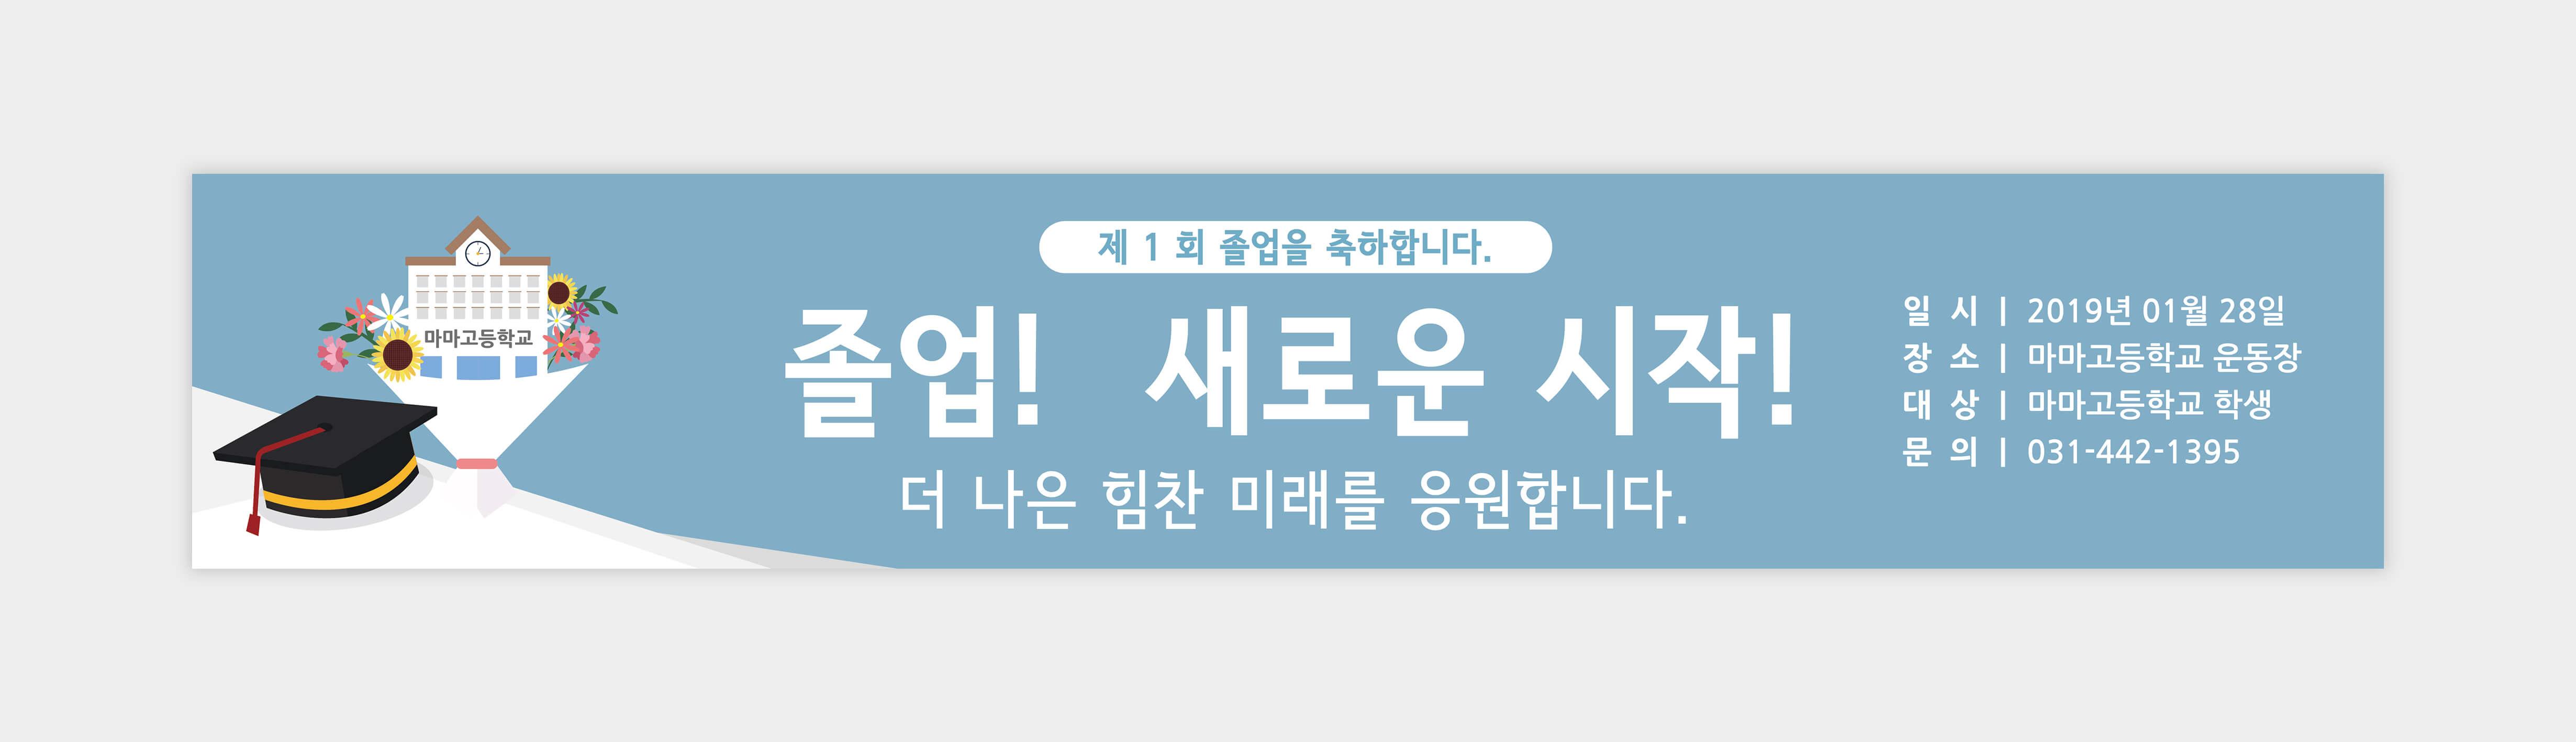 현수막_013